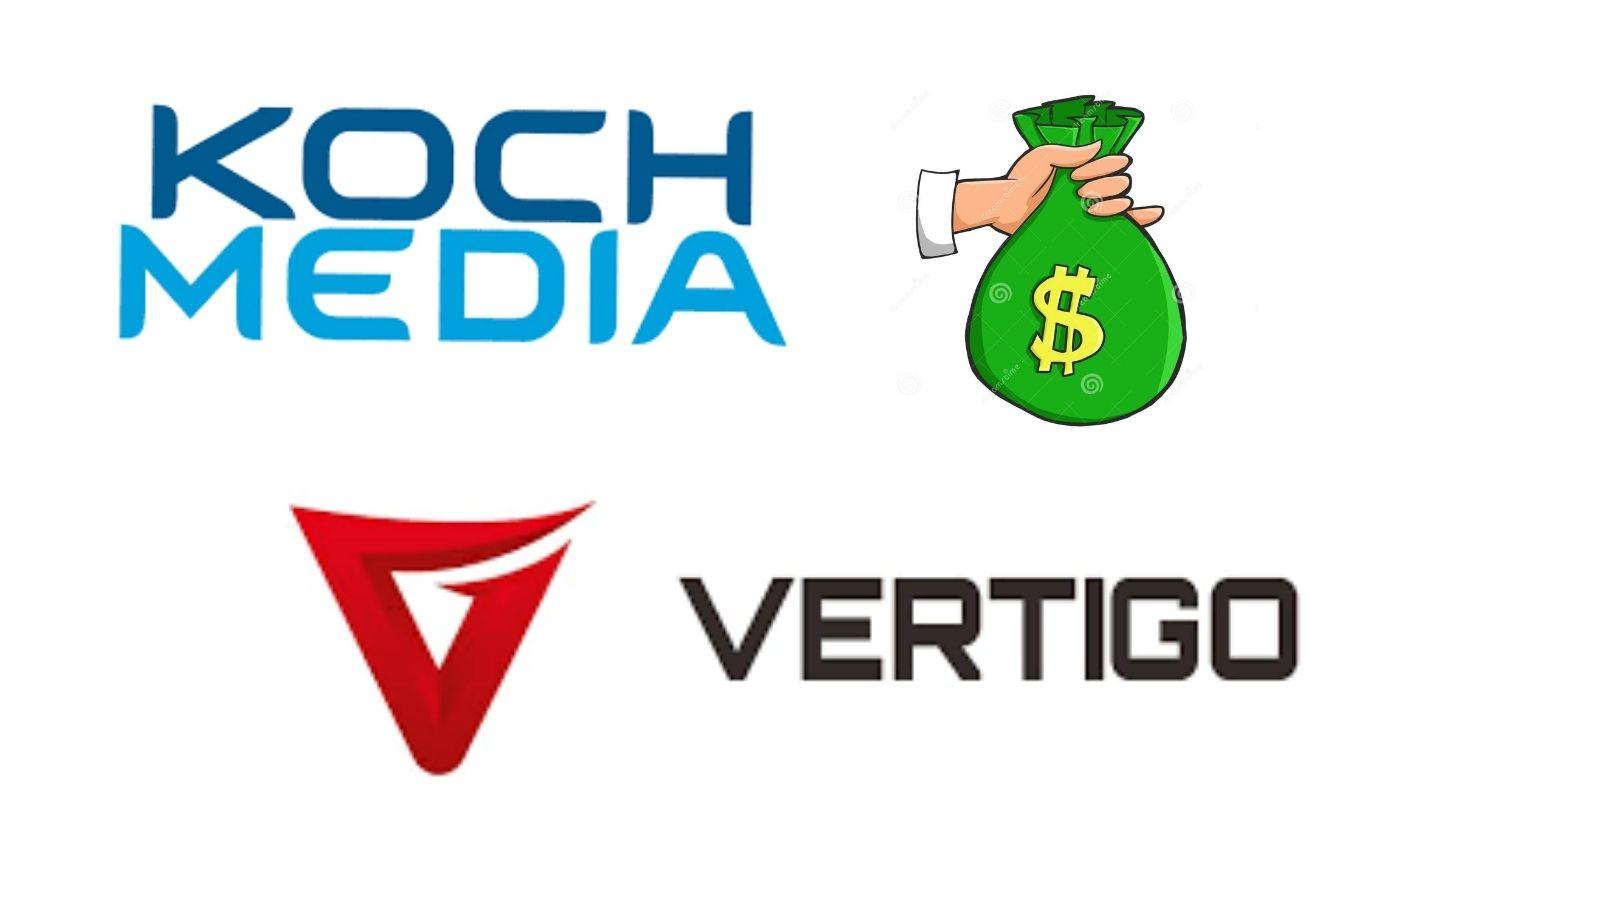 Koch Media acquires Vertigo Games and enters VR gaming market